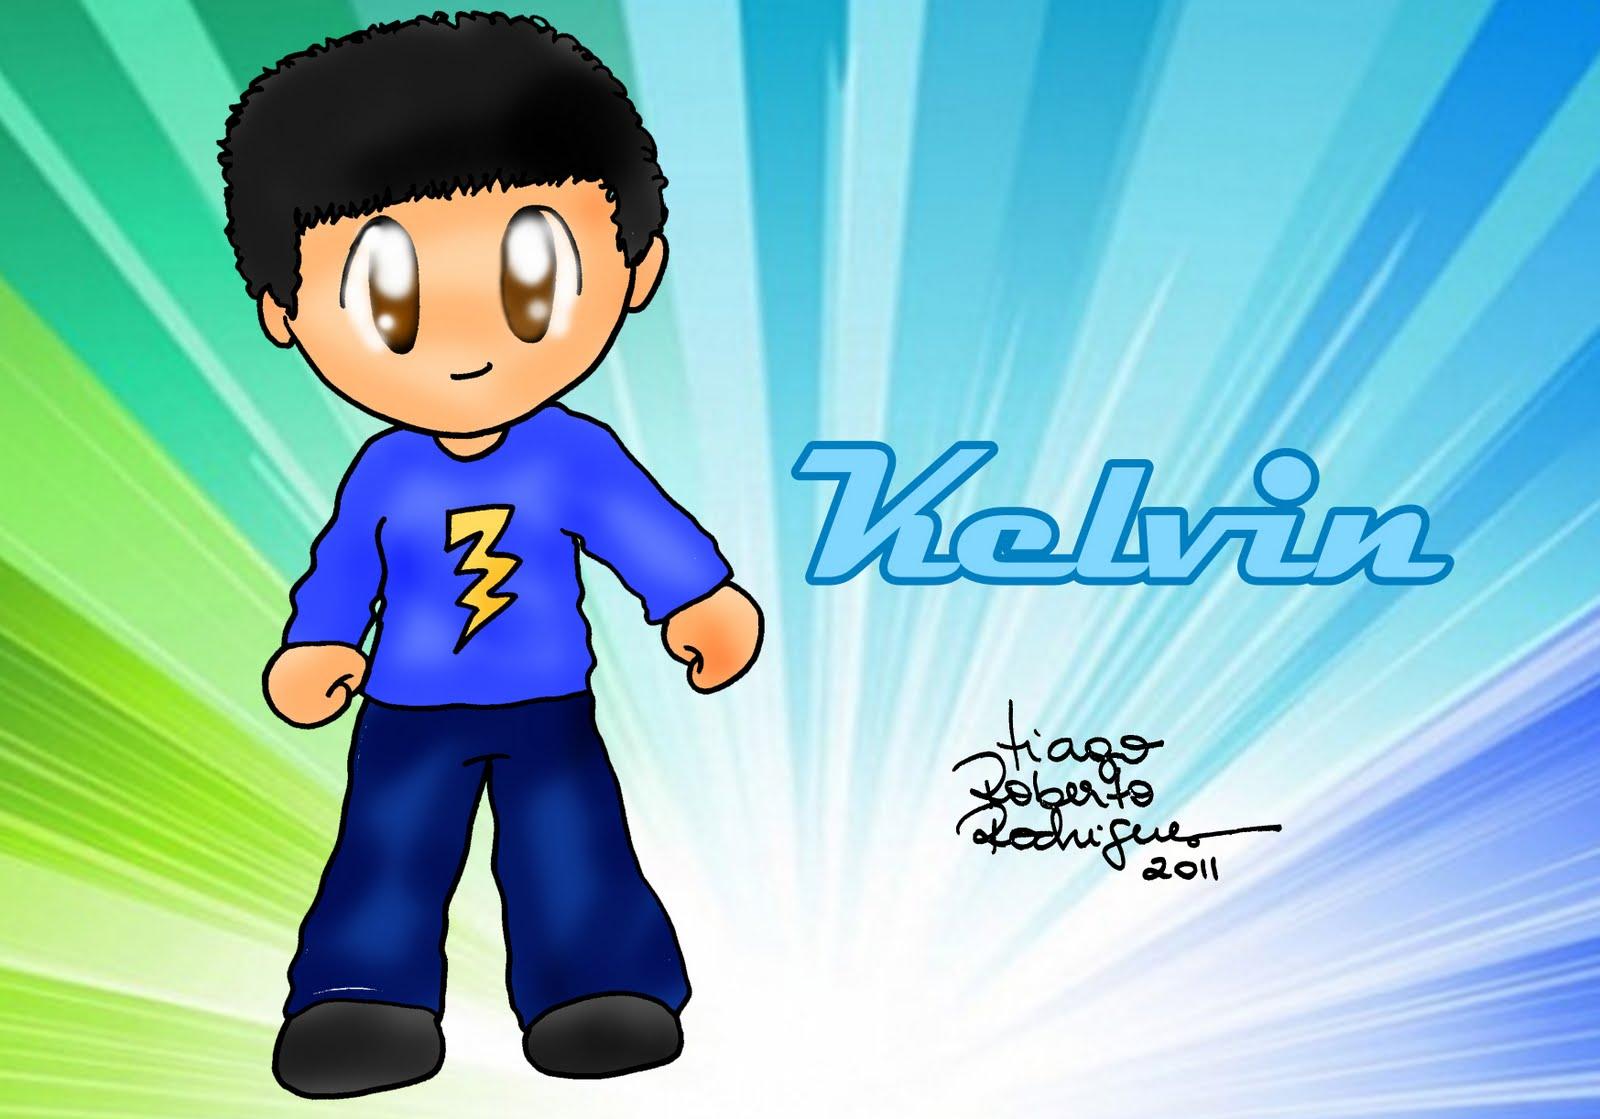 http://2.bp.blogspot.com/-bial2lLBrYc/TuYYcJo5bKI/AAAAAAAAFeQ/7ubl8lUUZWc/s1600/kelvin.jpg